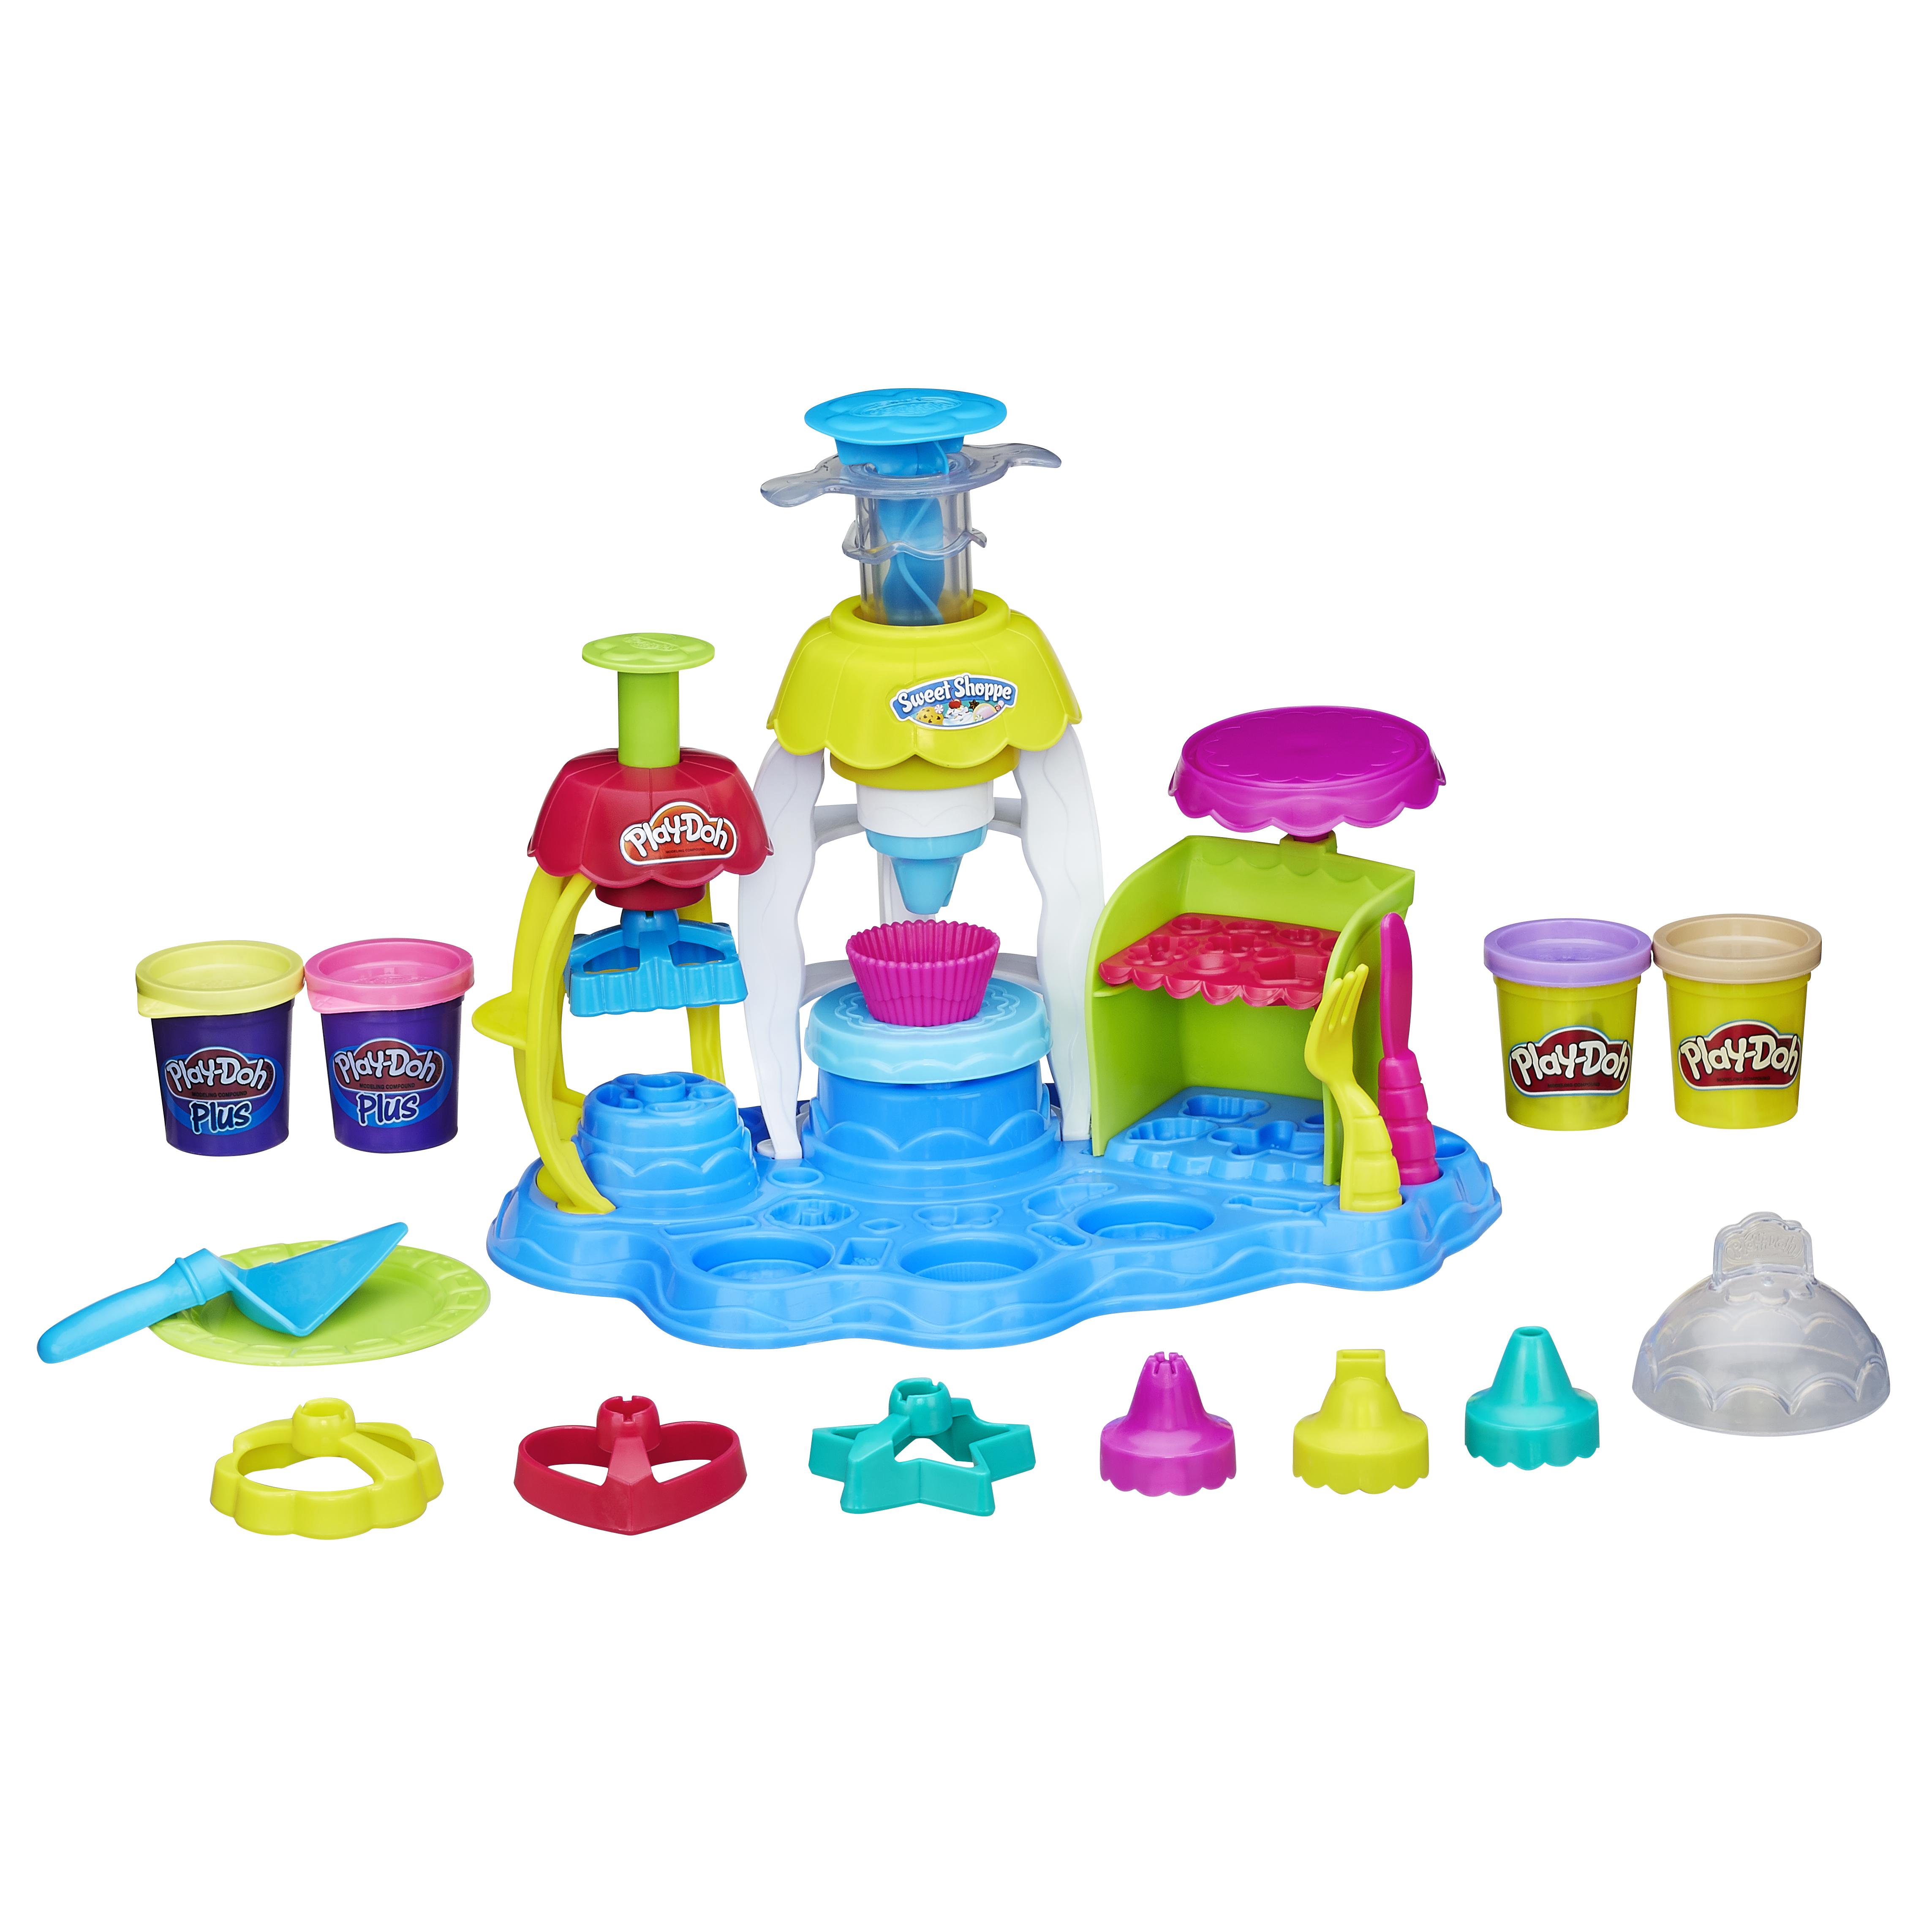 Купить Фабрика пирожных, Набор для лепки из пластилина play-doh фабрика пирожных a0318, Лепка